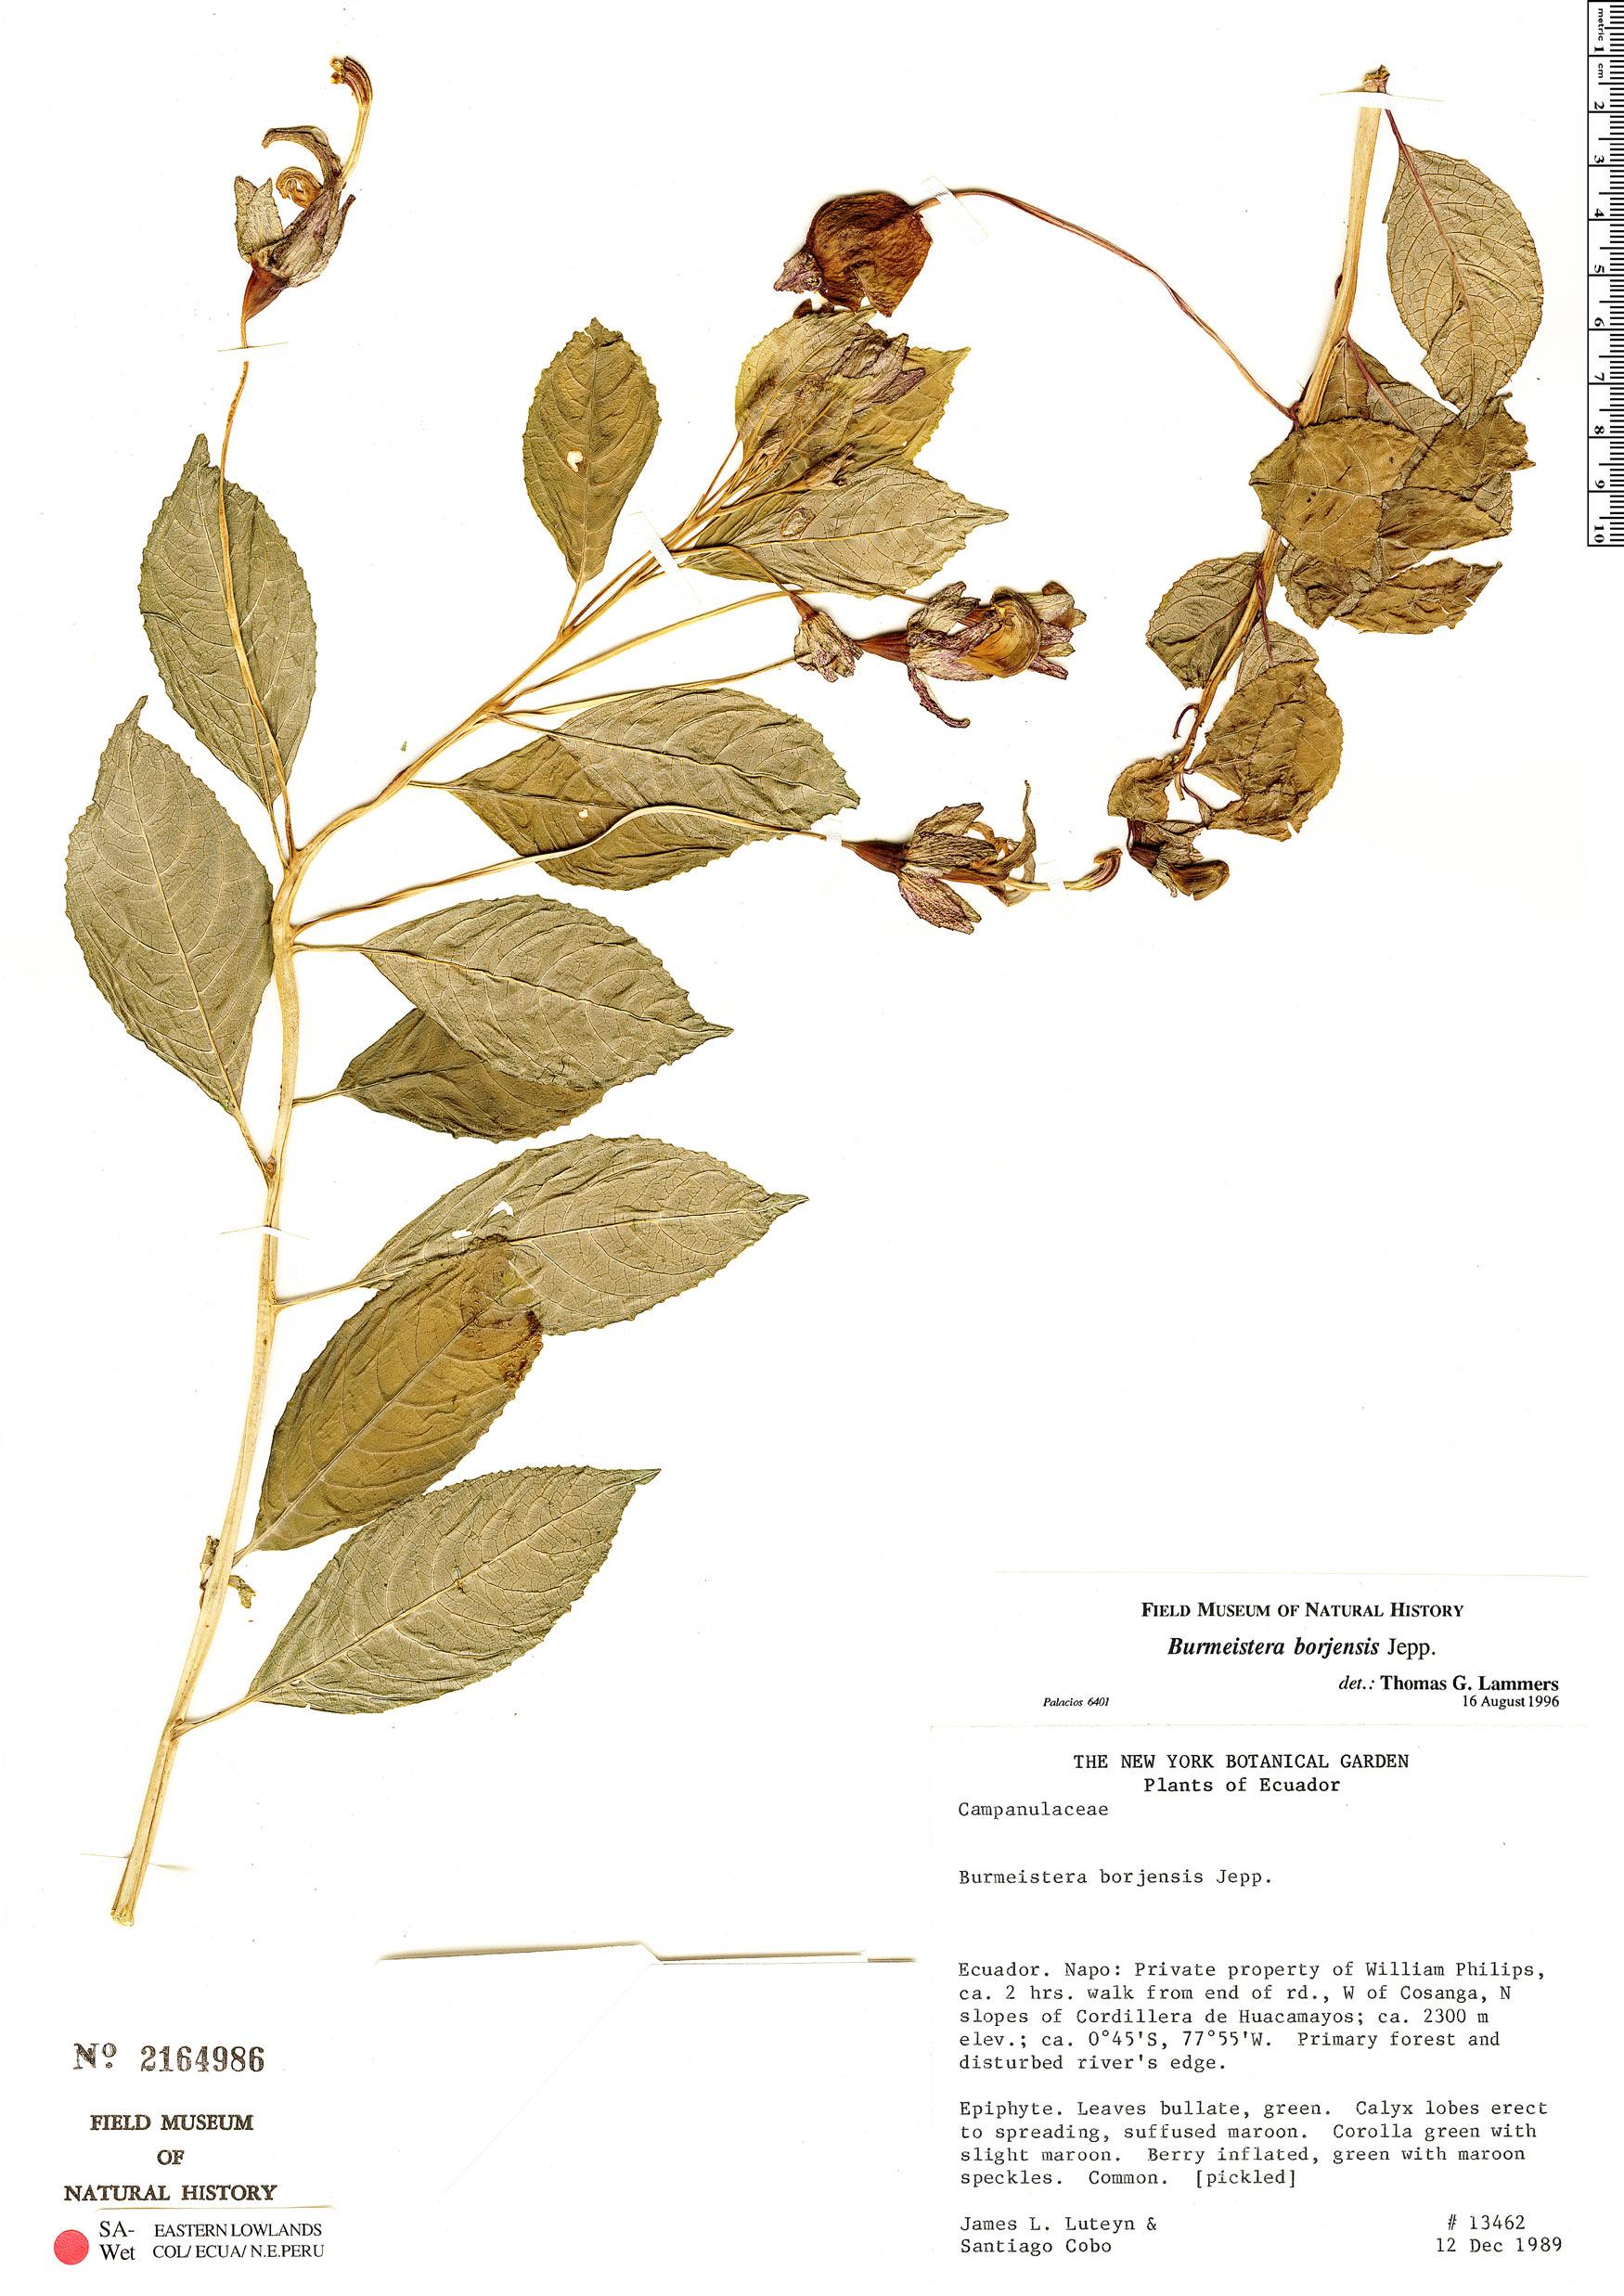 Burmeistera borjensis image